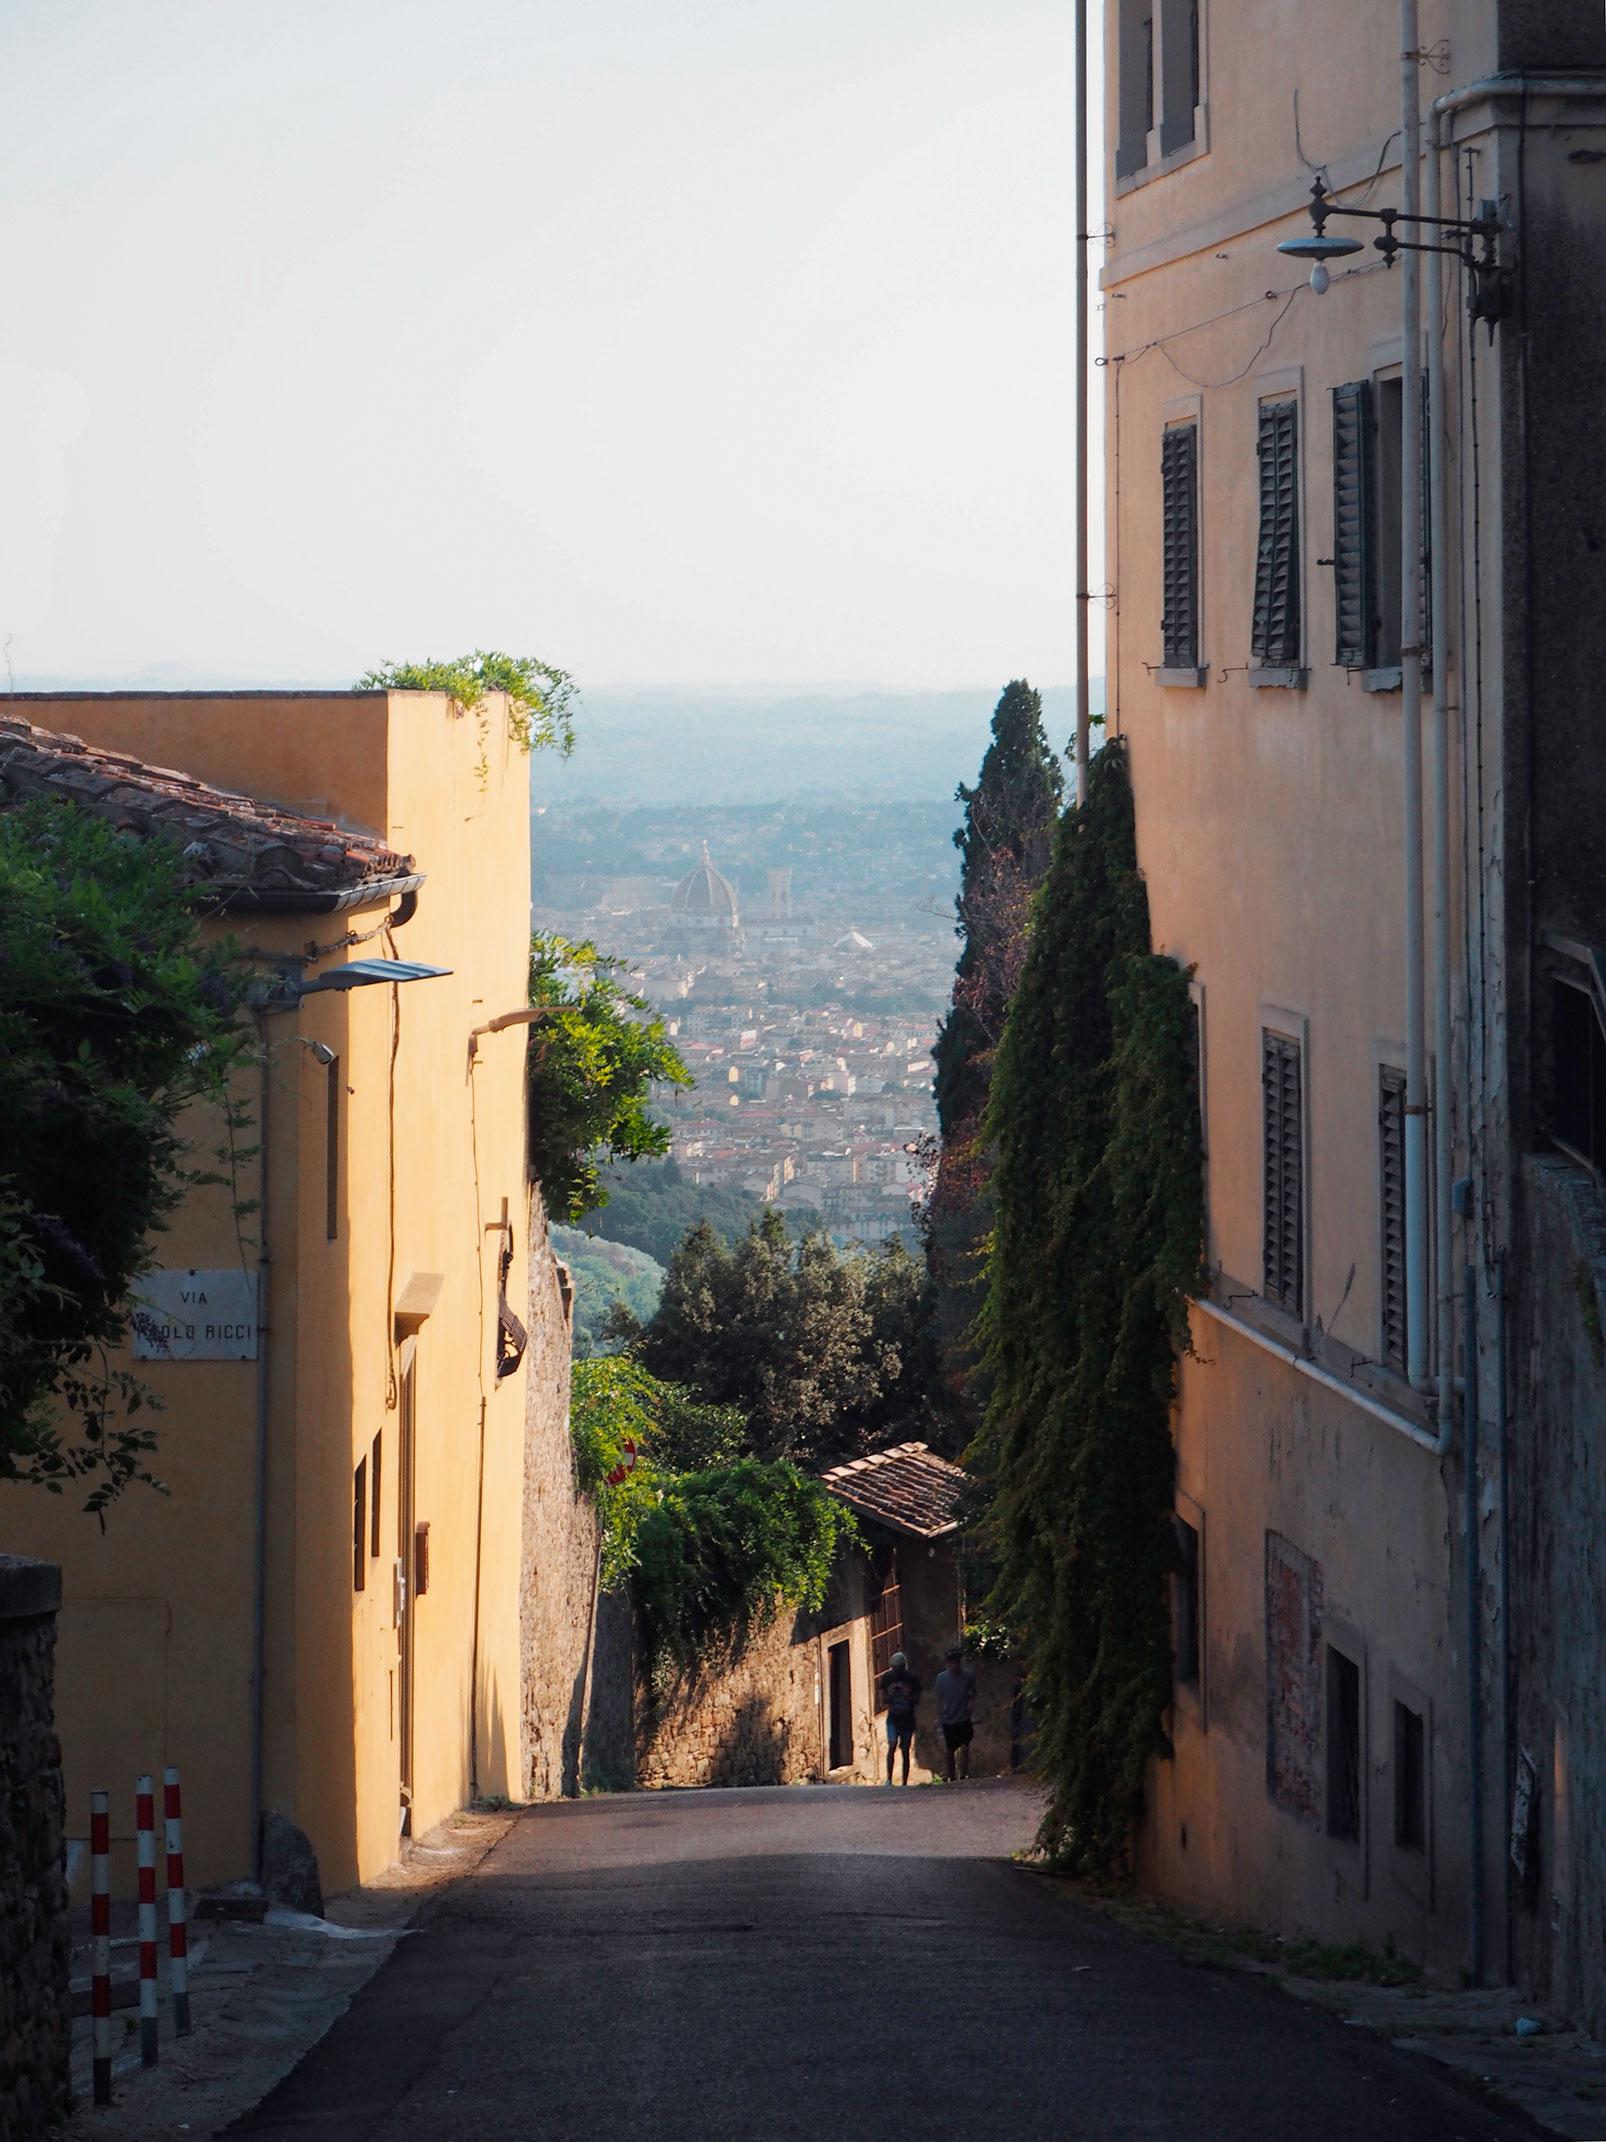 Tuscany, Northern Italy